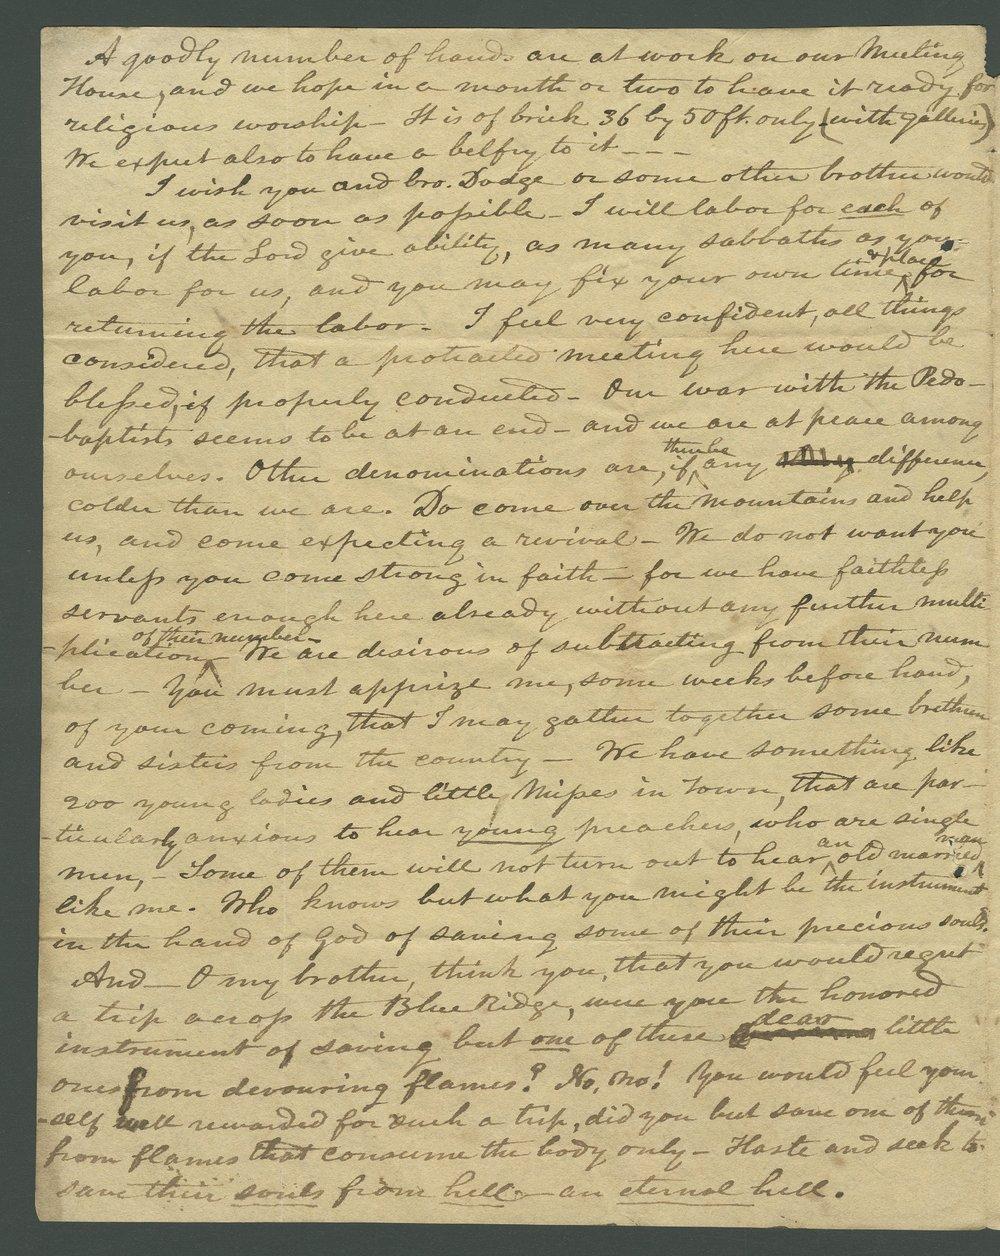 Joseph L. Baker to Lewis Allen Alderson - 2